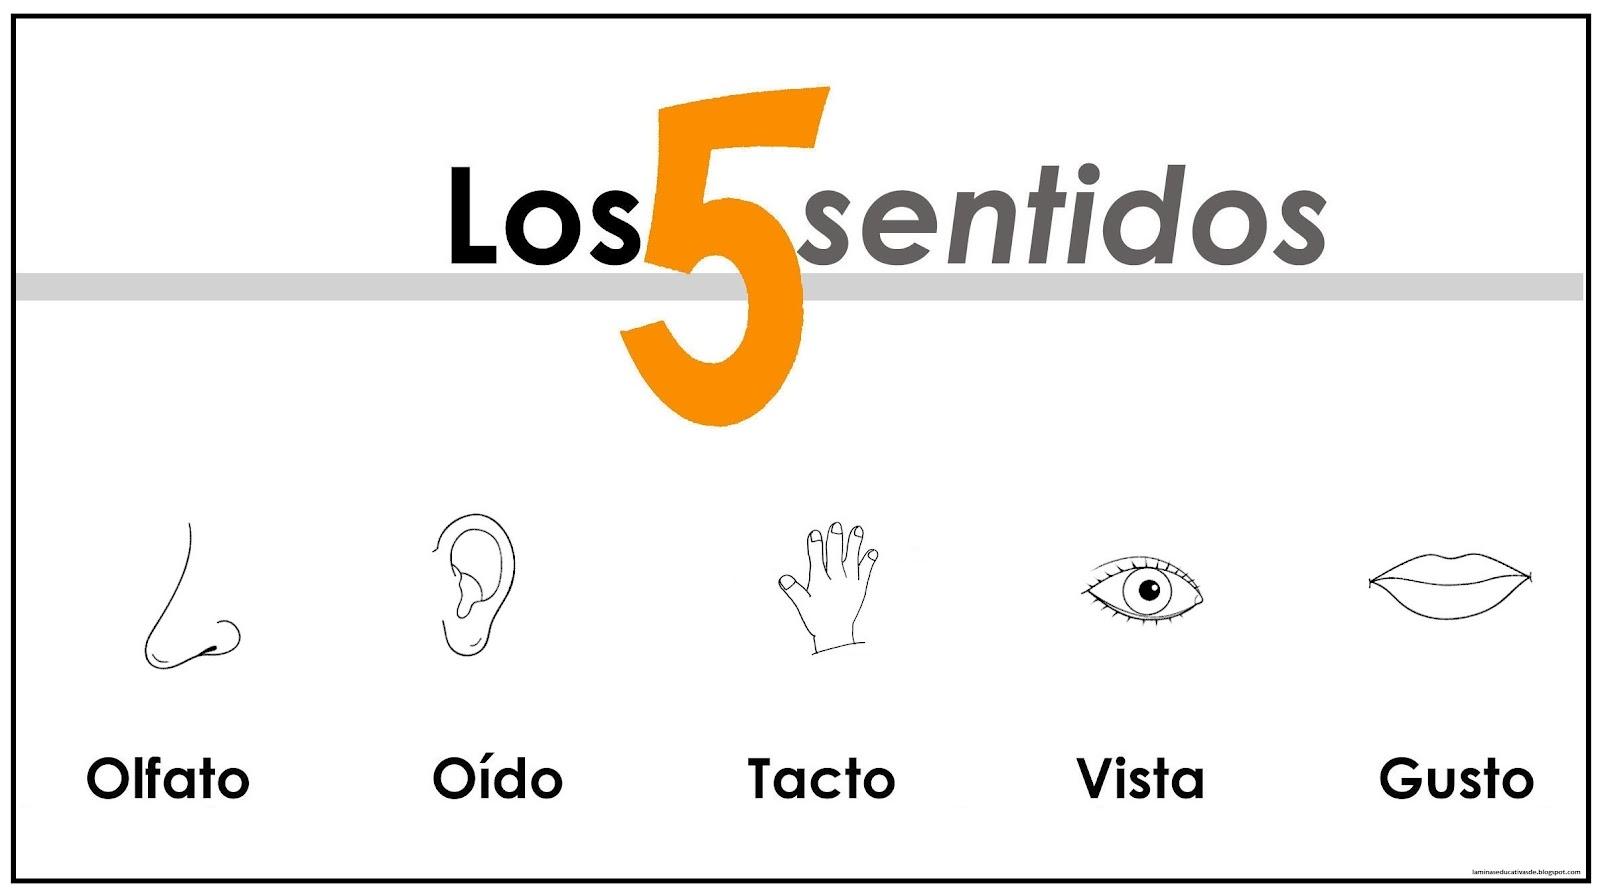 LAMINAS EDUCATIVAS: LOS 5 SENTIDOS